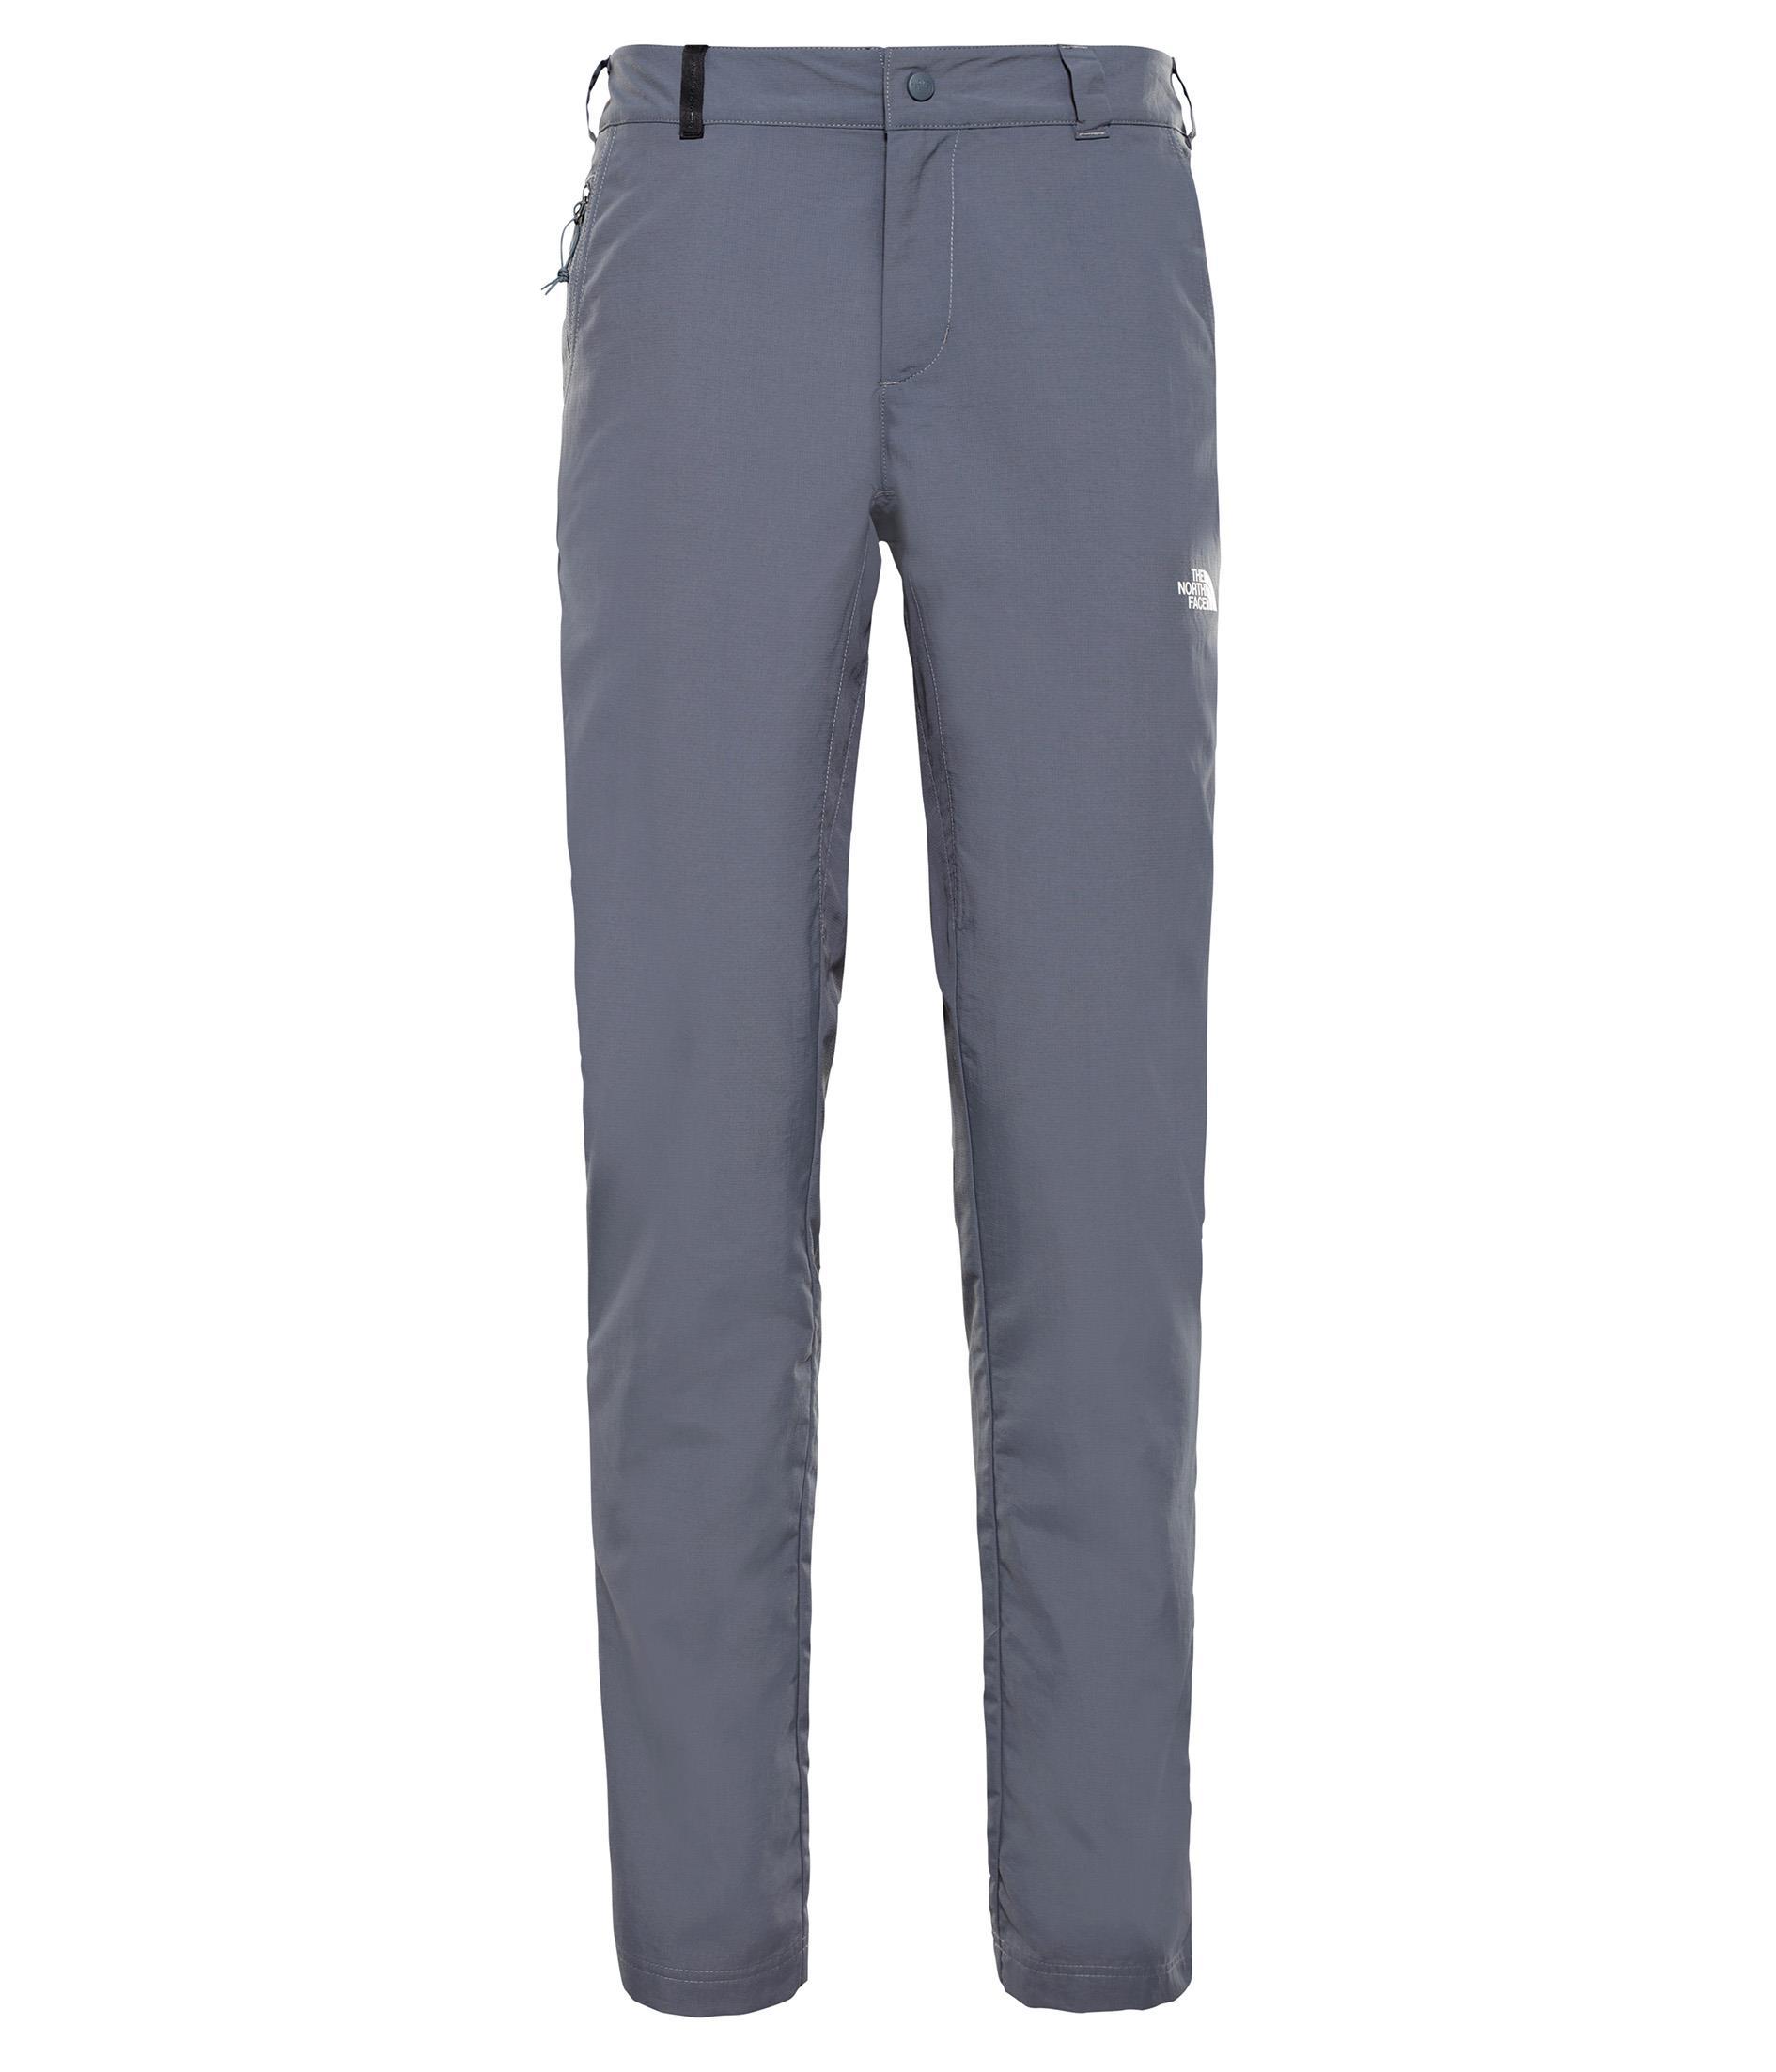 The Northface Kadın Quest Pant T93S45174 Pantolon